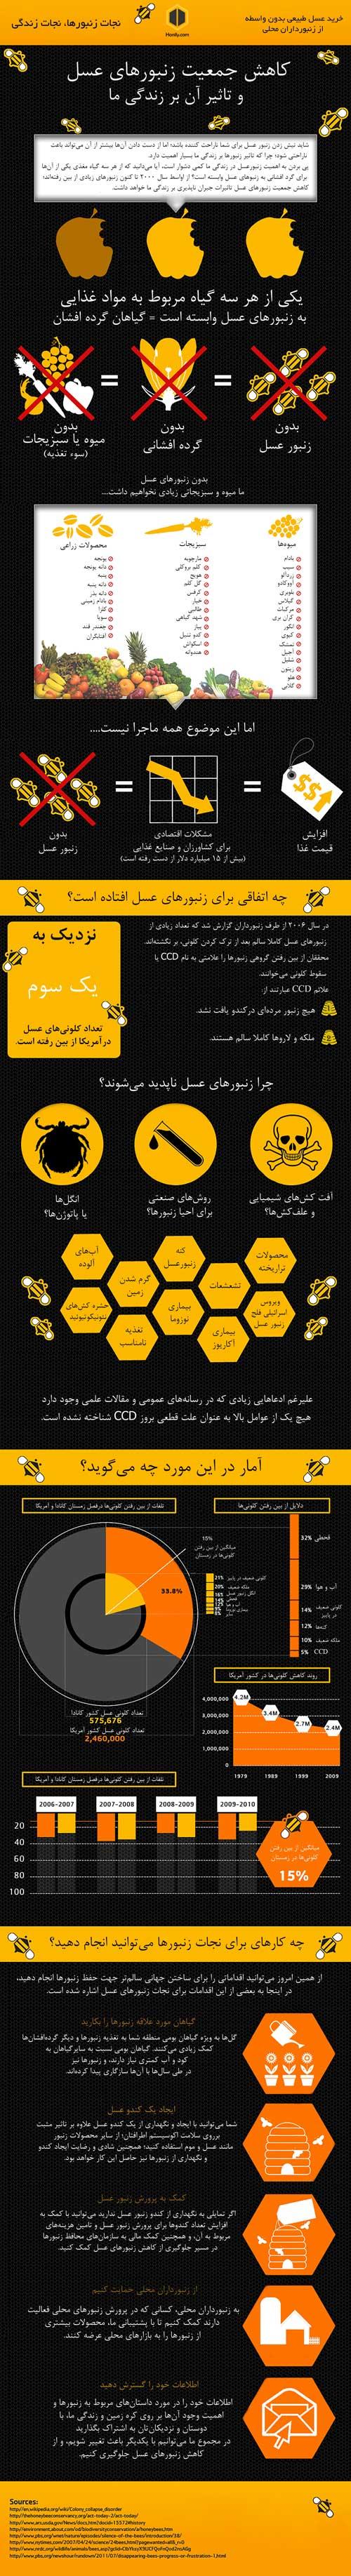 جمعیت زنبورهای عسل